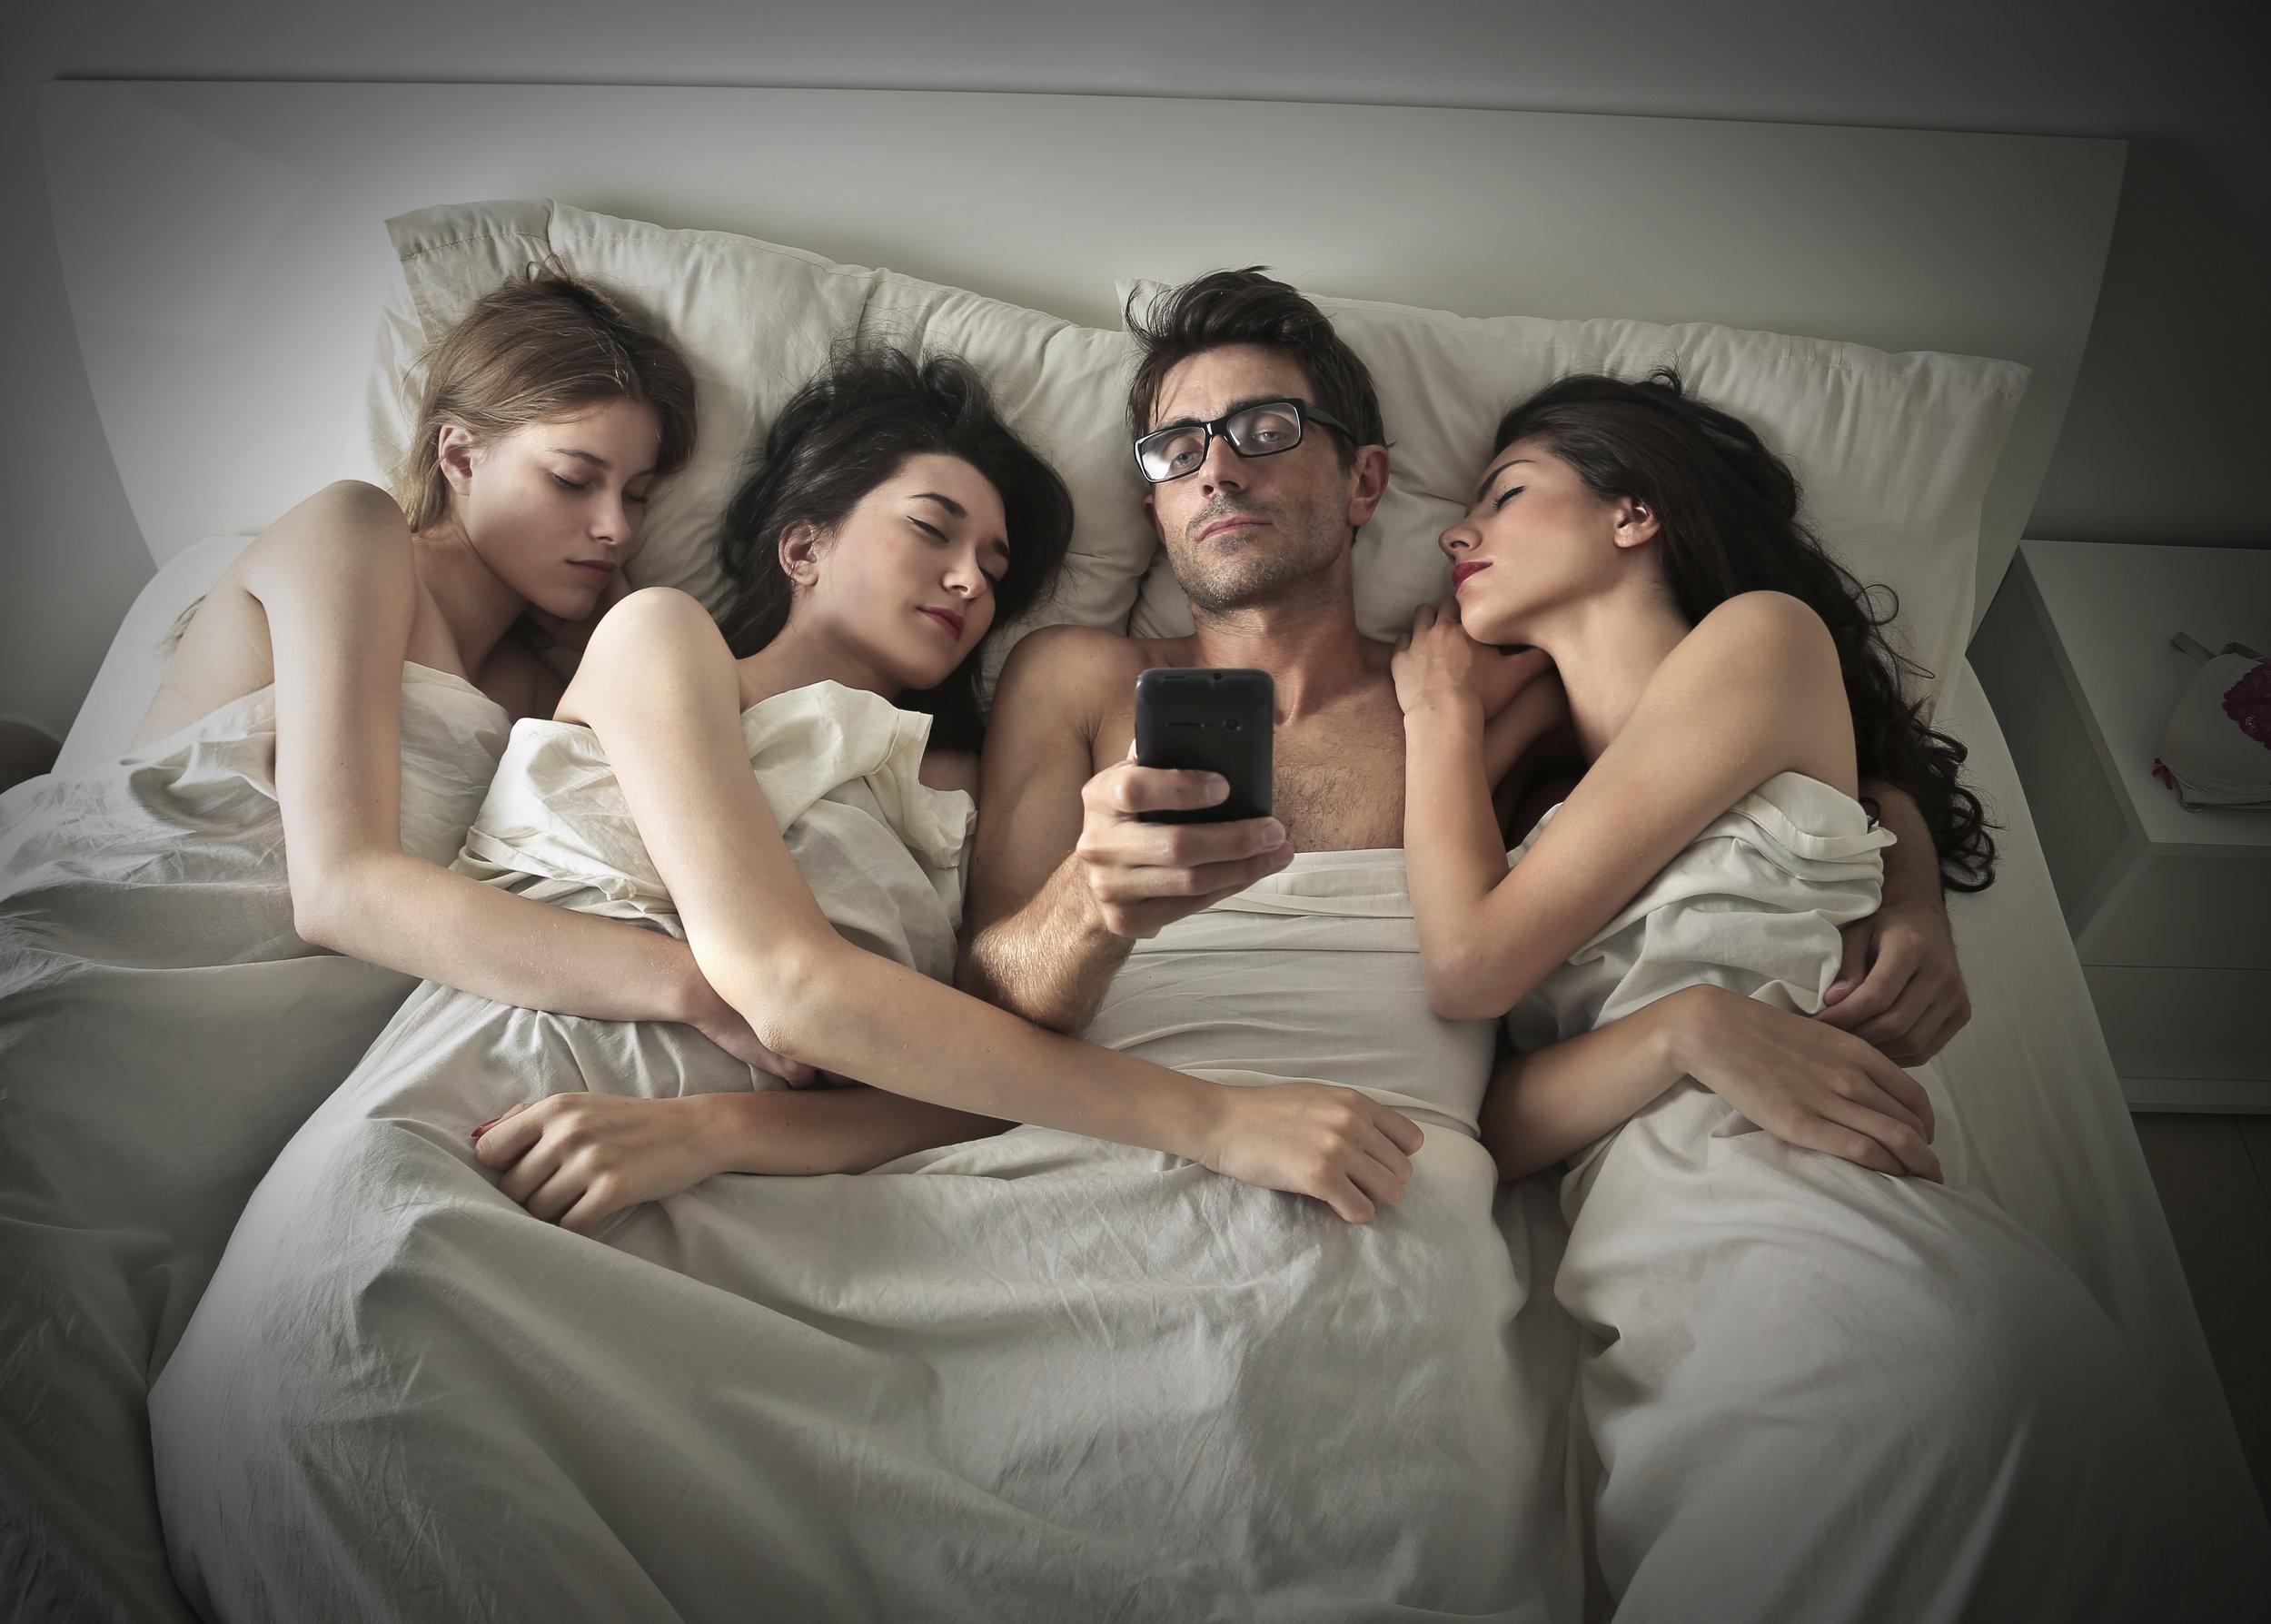 Секс между двух мужчин, Двое мужчин и одна женщина » Порно видео 24 фотография